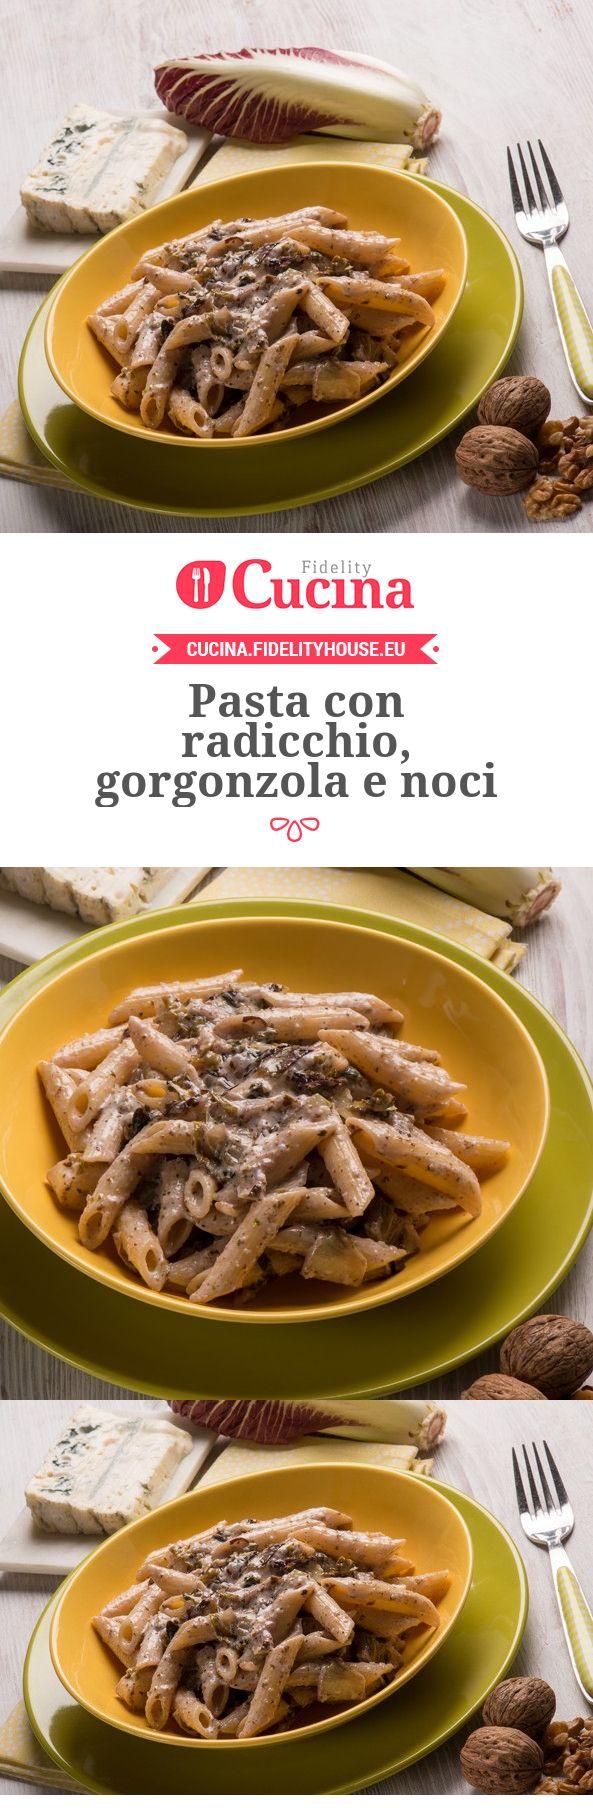 Pasta con radicchio, gorgonzola e noci